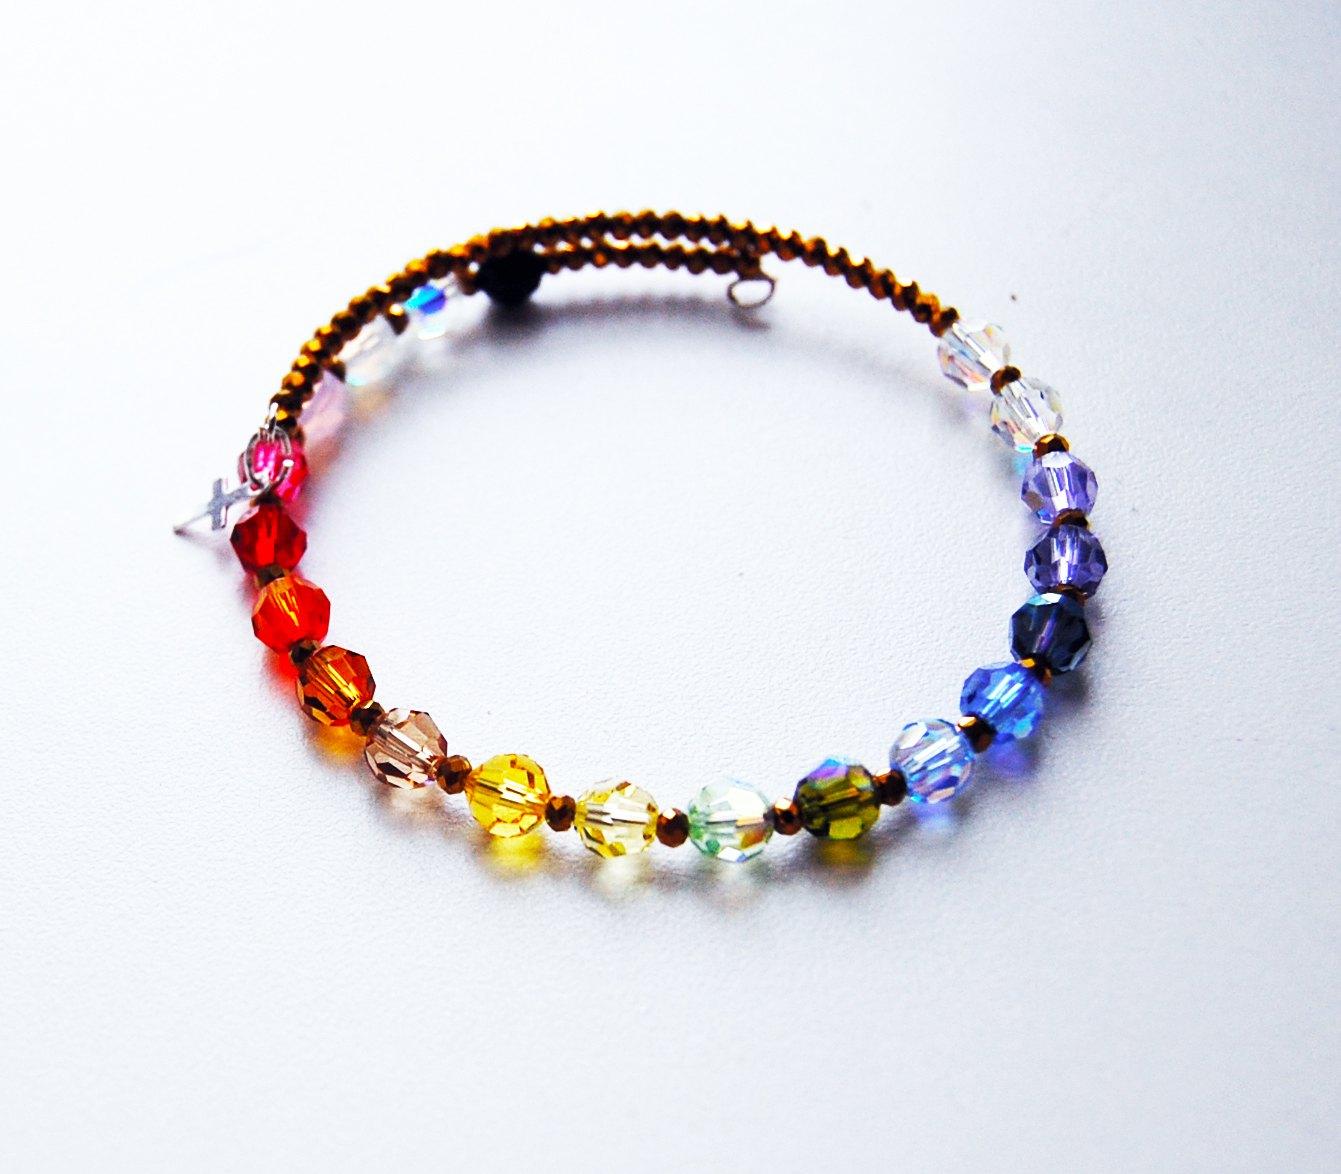 How to Make Rainbow Faith Bead Bracelets | eHow